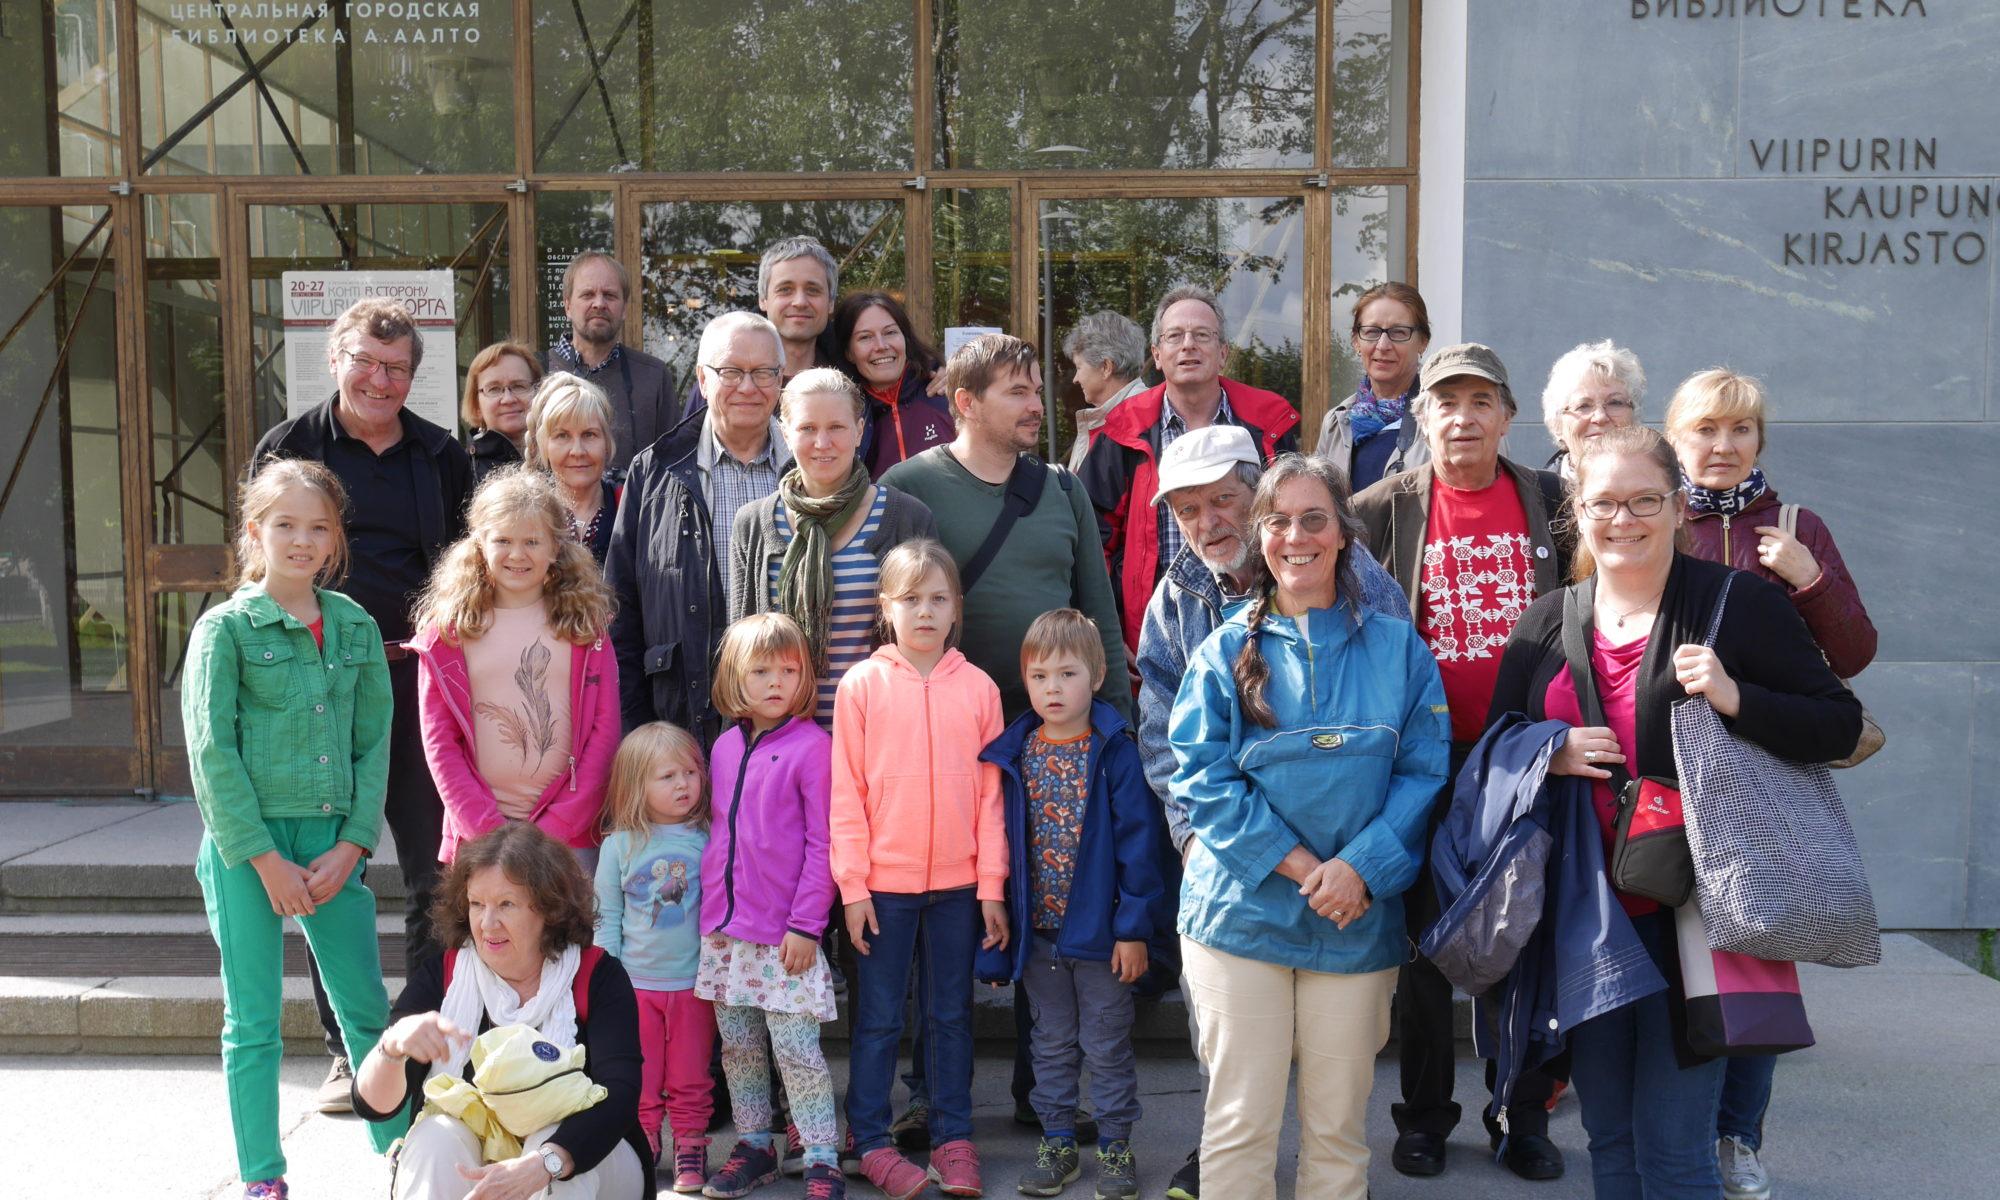 Joensuun Suomi-Saksa yhdistys